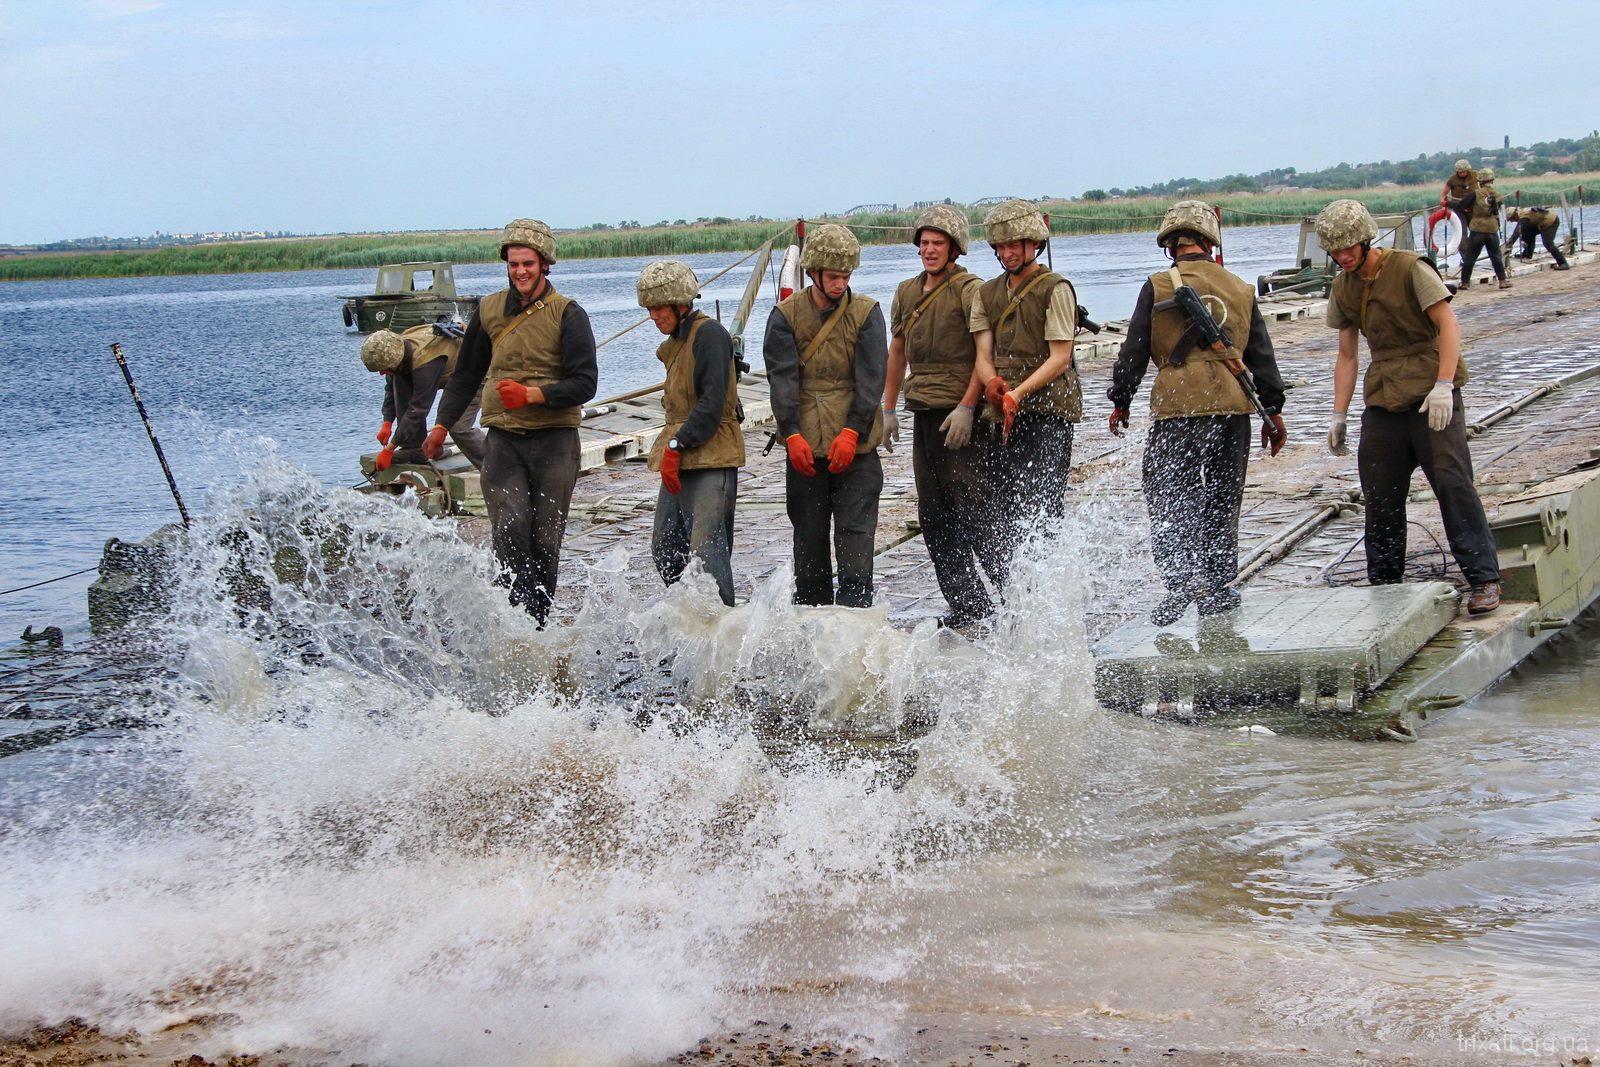 Трихати. Військові навчання 2018